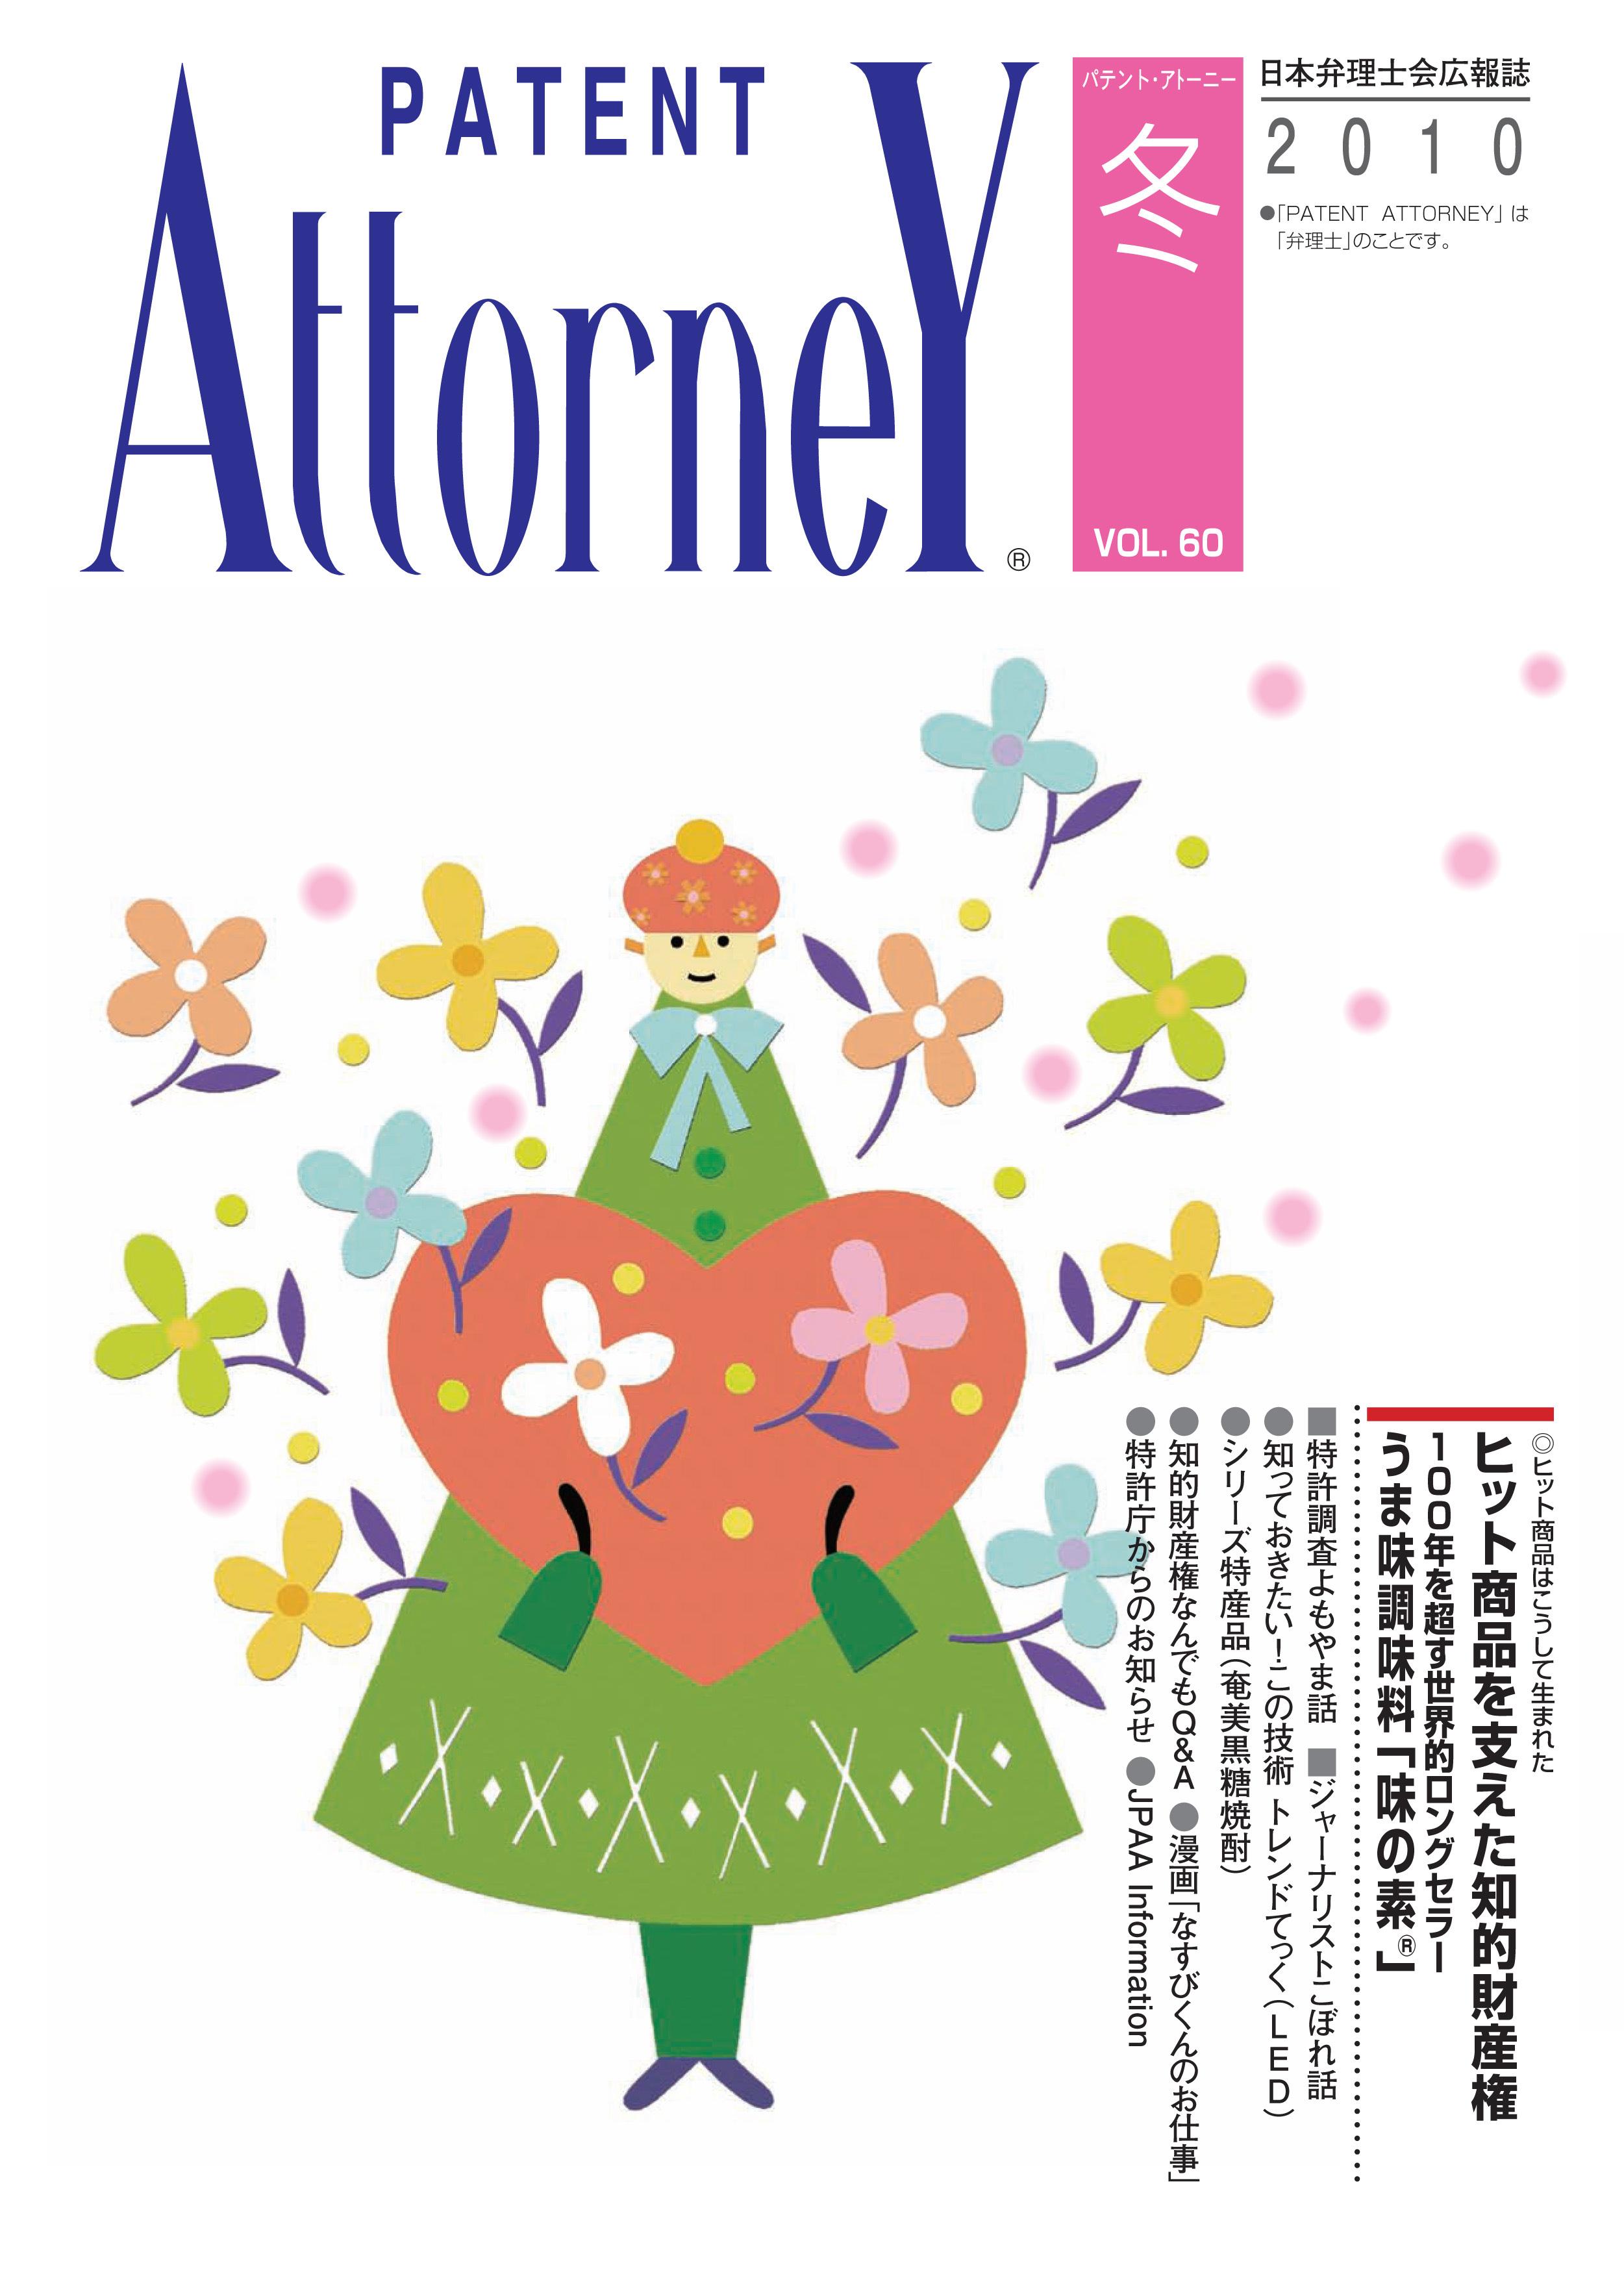 冬号 Vol.60 平成22年12月画像